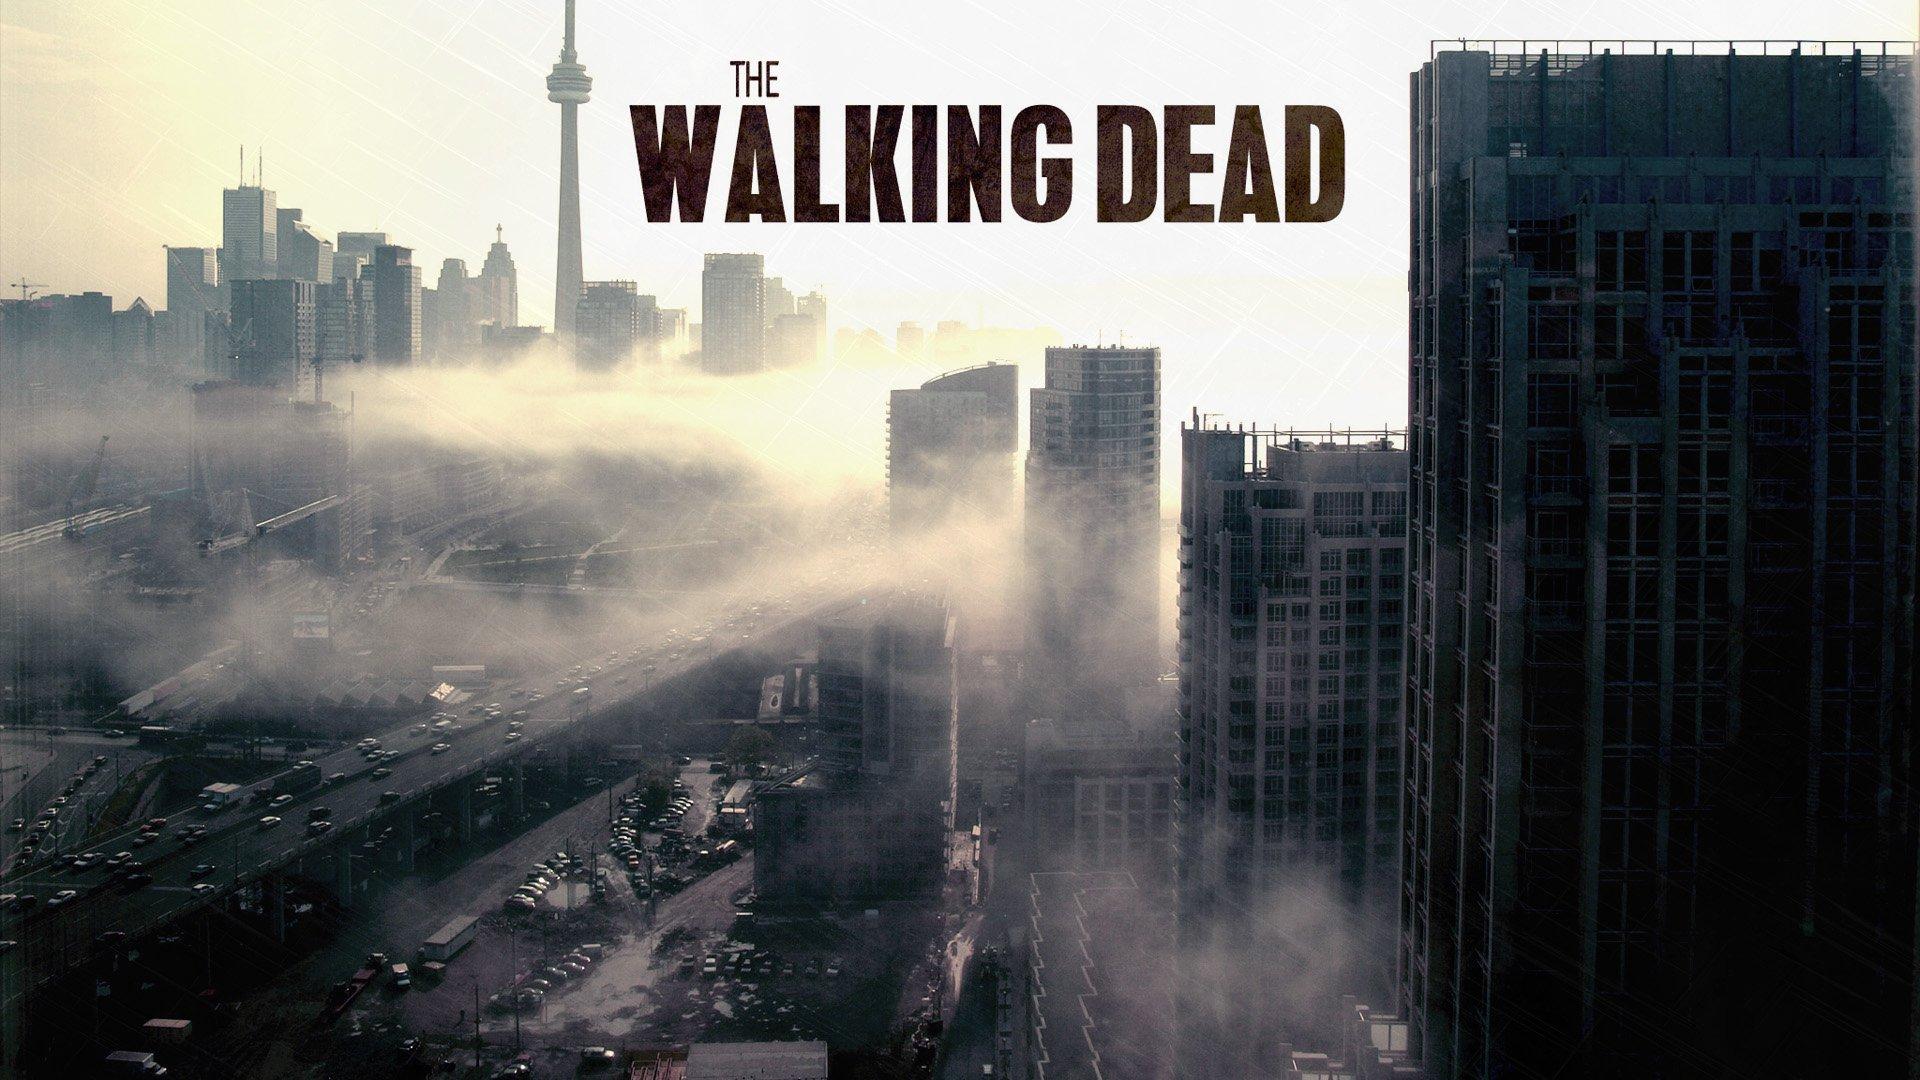 The Walking Dead widescreen